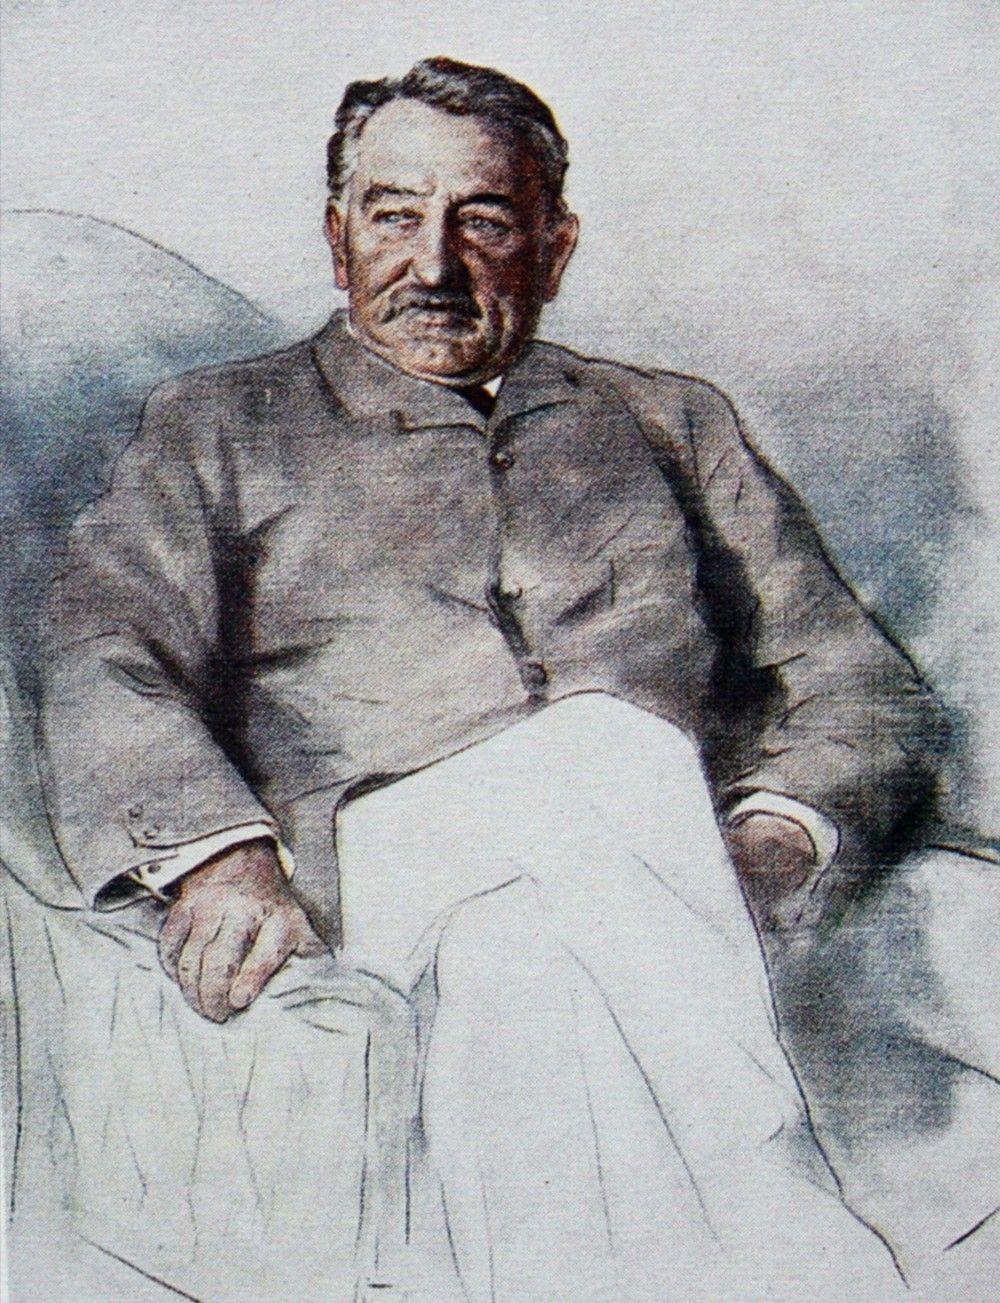 Cecil Rhodes na szkicu powstałym rok przed jego śmiercią. Czyżby na tej wcale niezbyt starej twarzy malował się strach przed polską prześladowczynią? Szkic Mortimera Menpesa (źródło: domena publiczna).